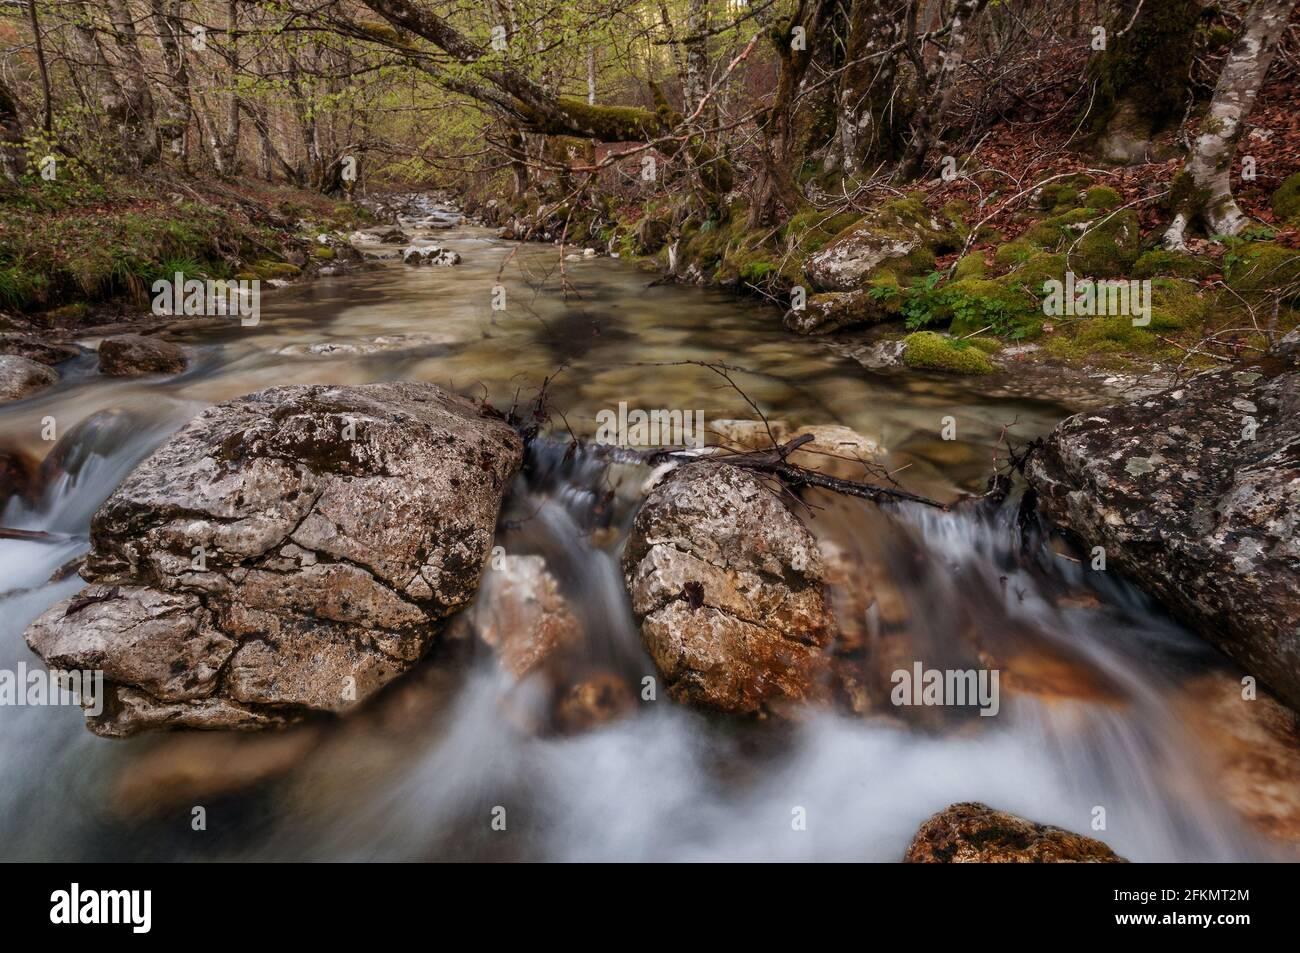 Fondillo River, Val Fondillo, Abruzzen, Lazio und Molise Nationalpark, Abruzzen, Italien, Europa Stockfoto